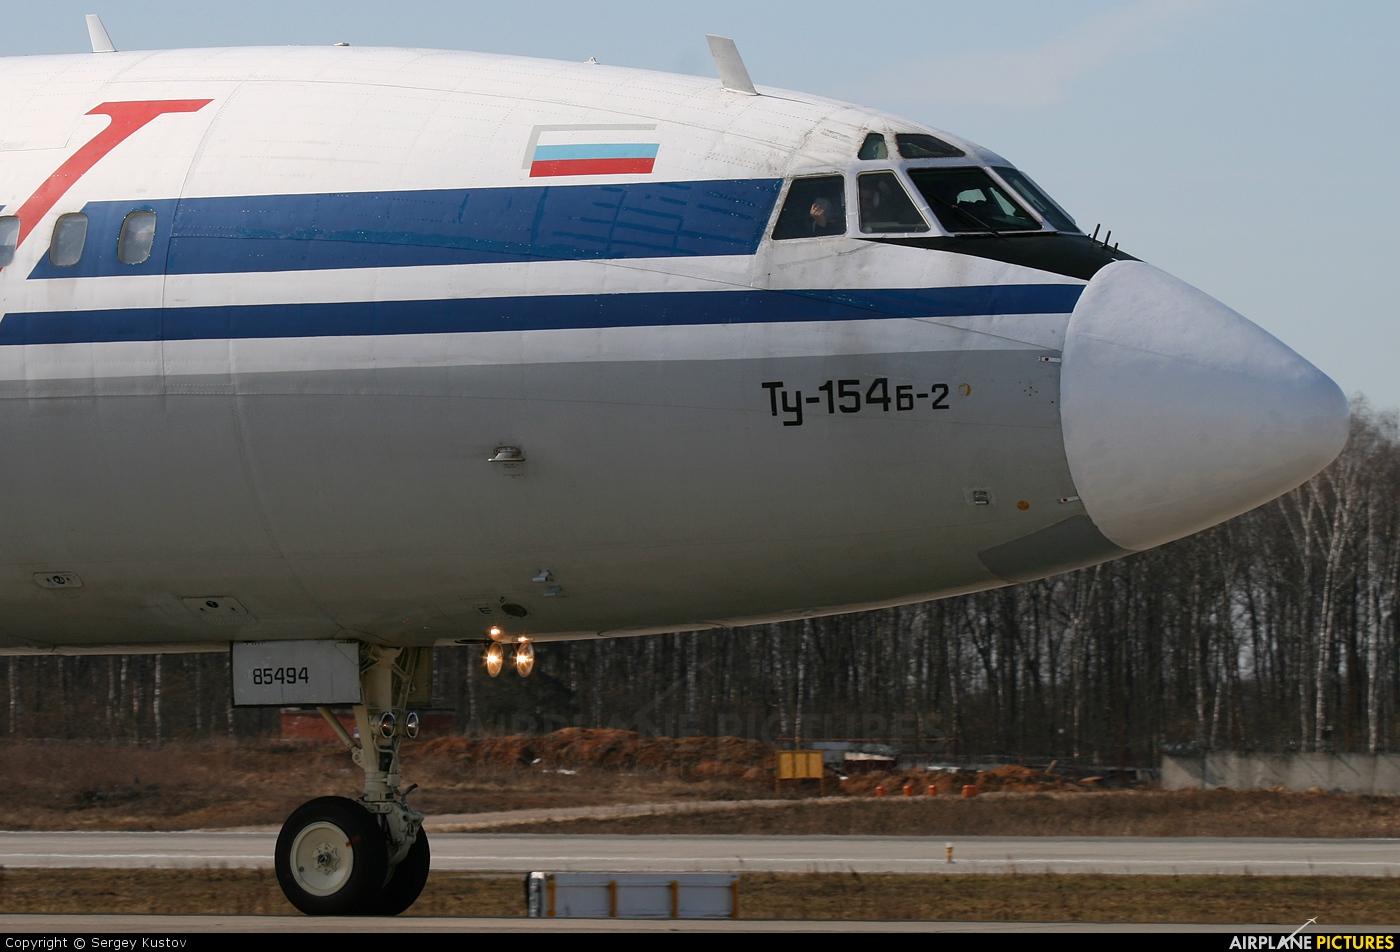 KMV RA-85494 aircraft at Moscow - Domodedovo